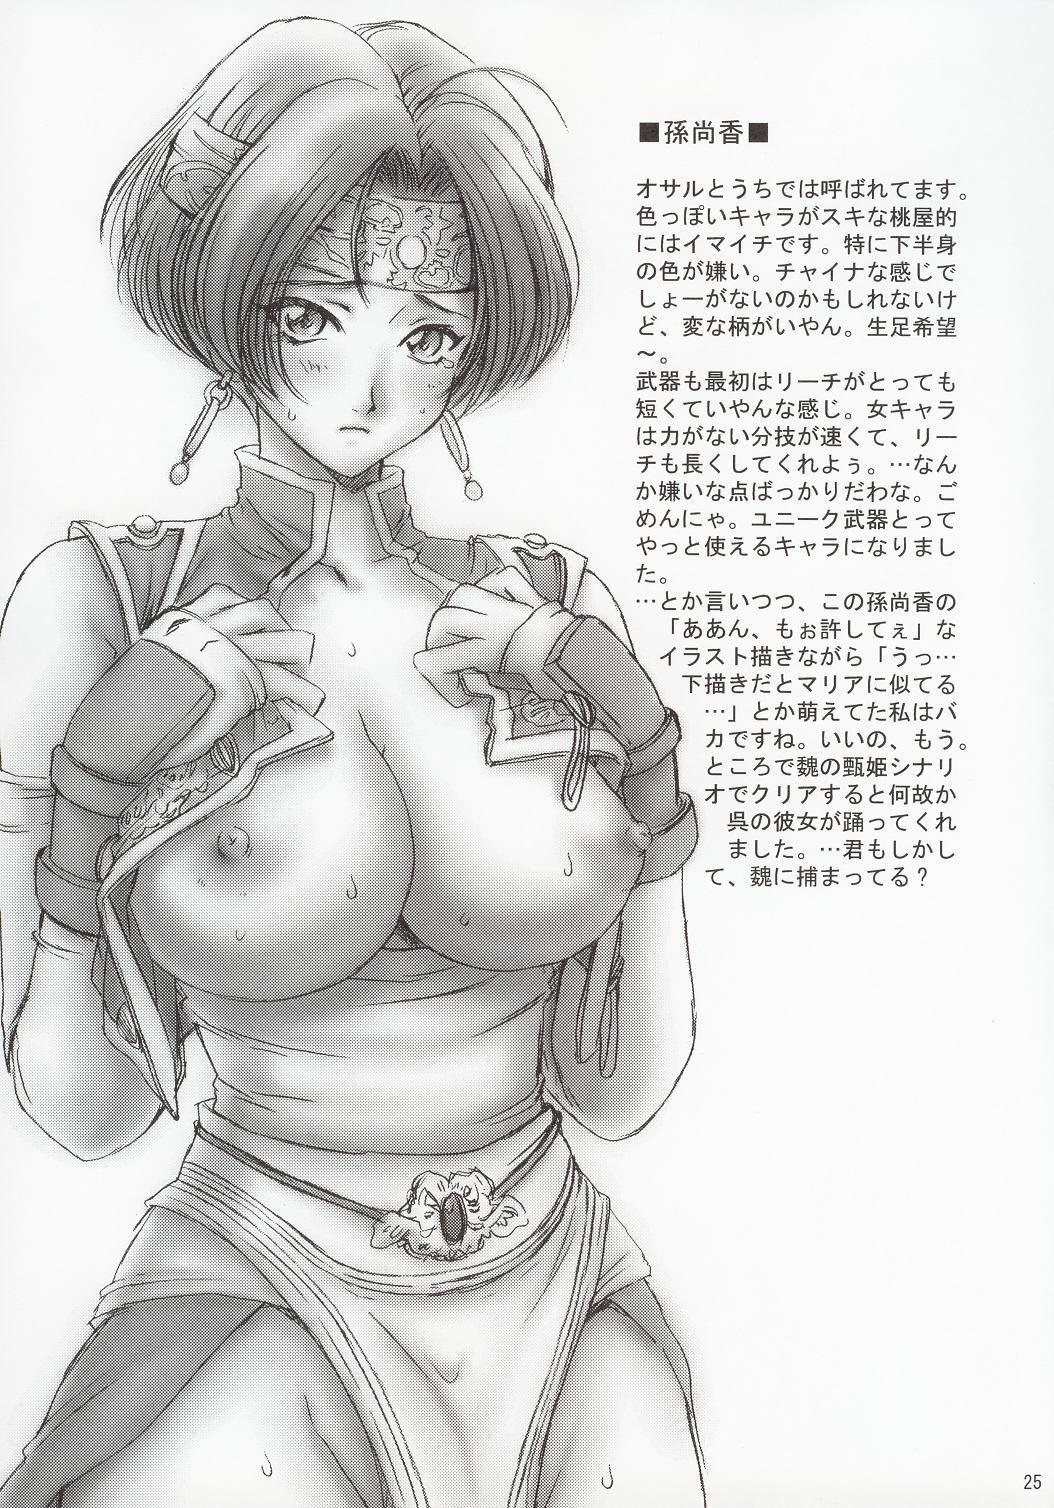 In Sangoku Musou 23